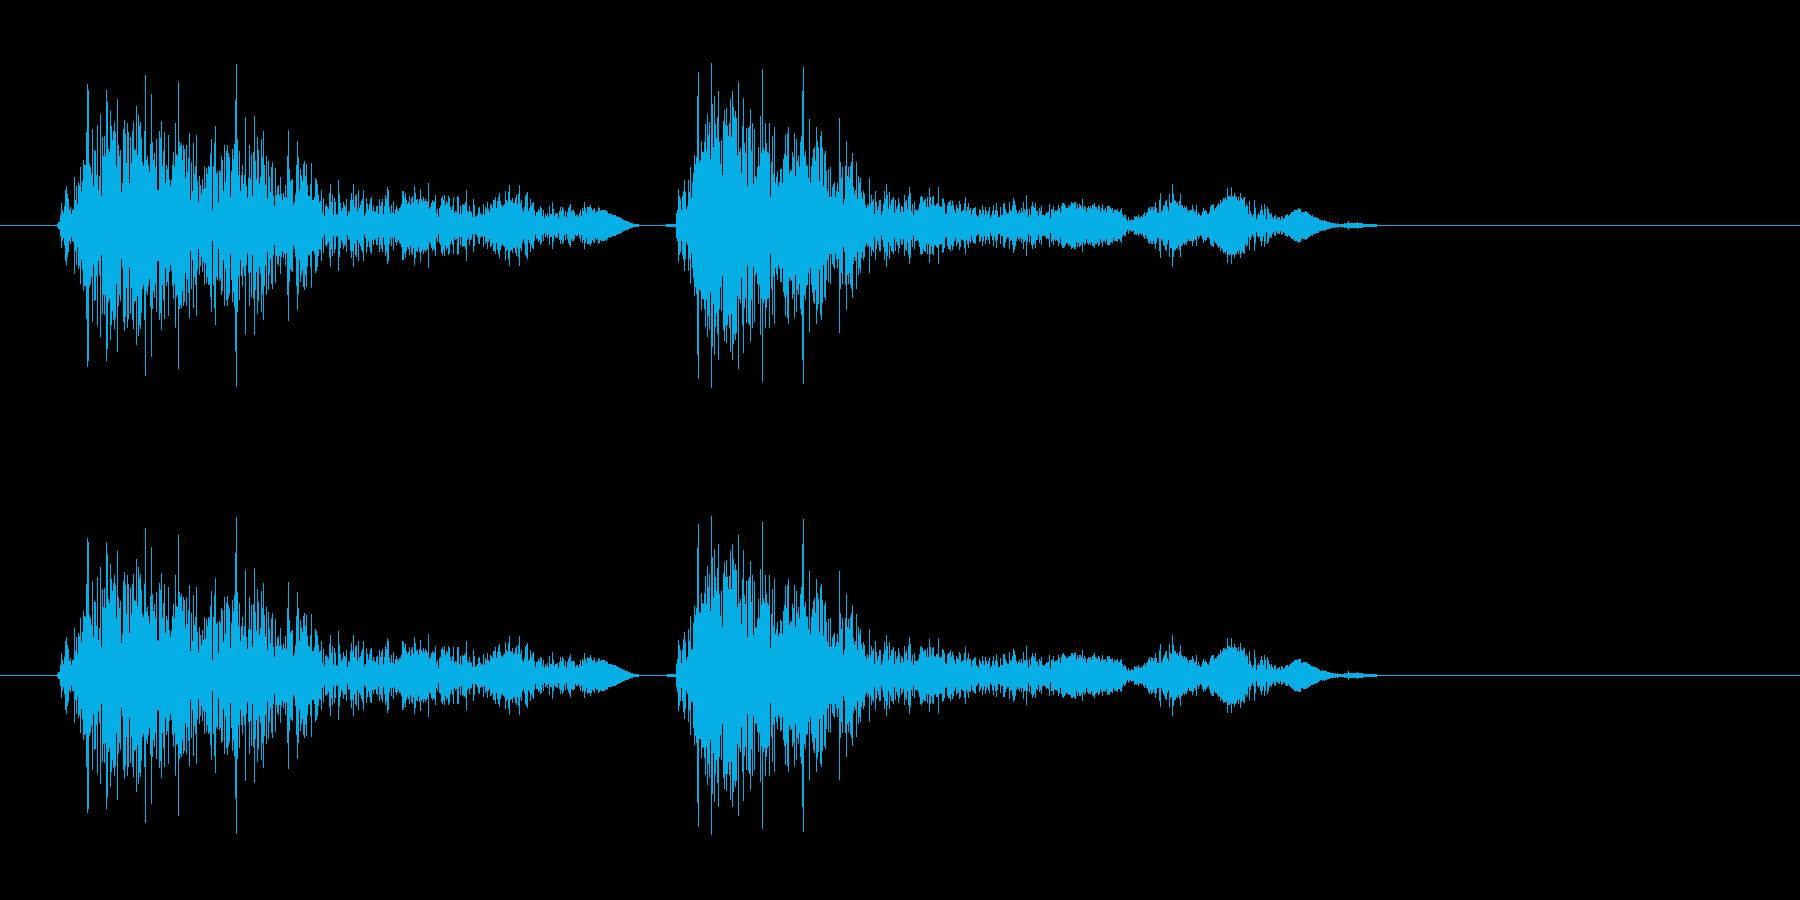 シャッター音(カシャ)の再生済みの波形